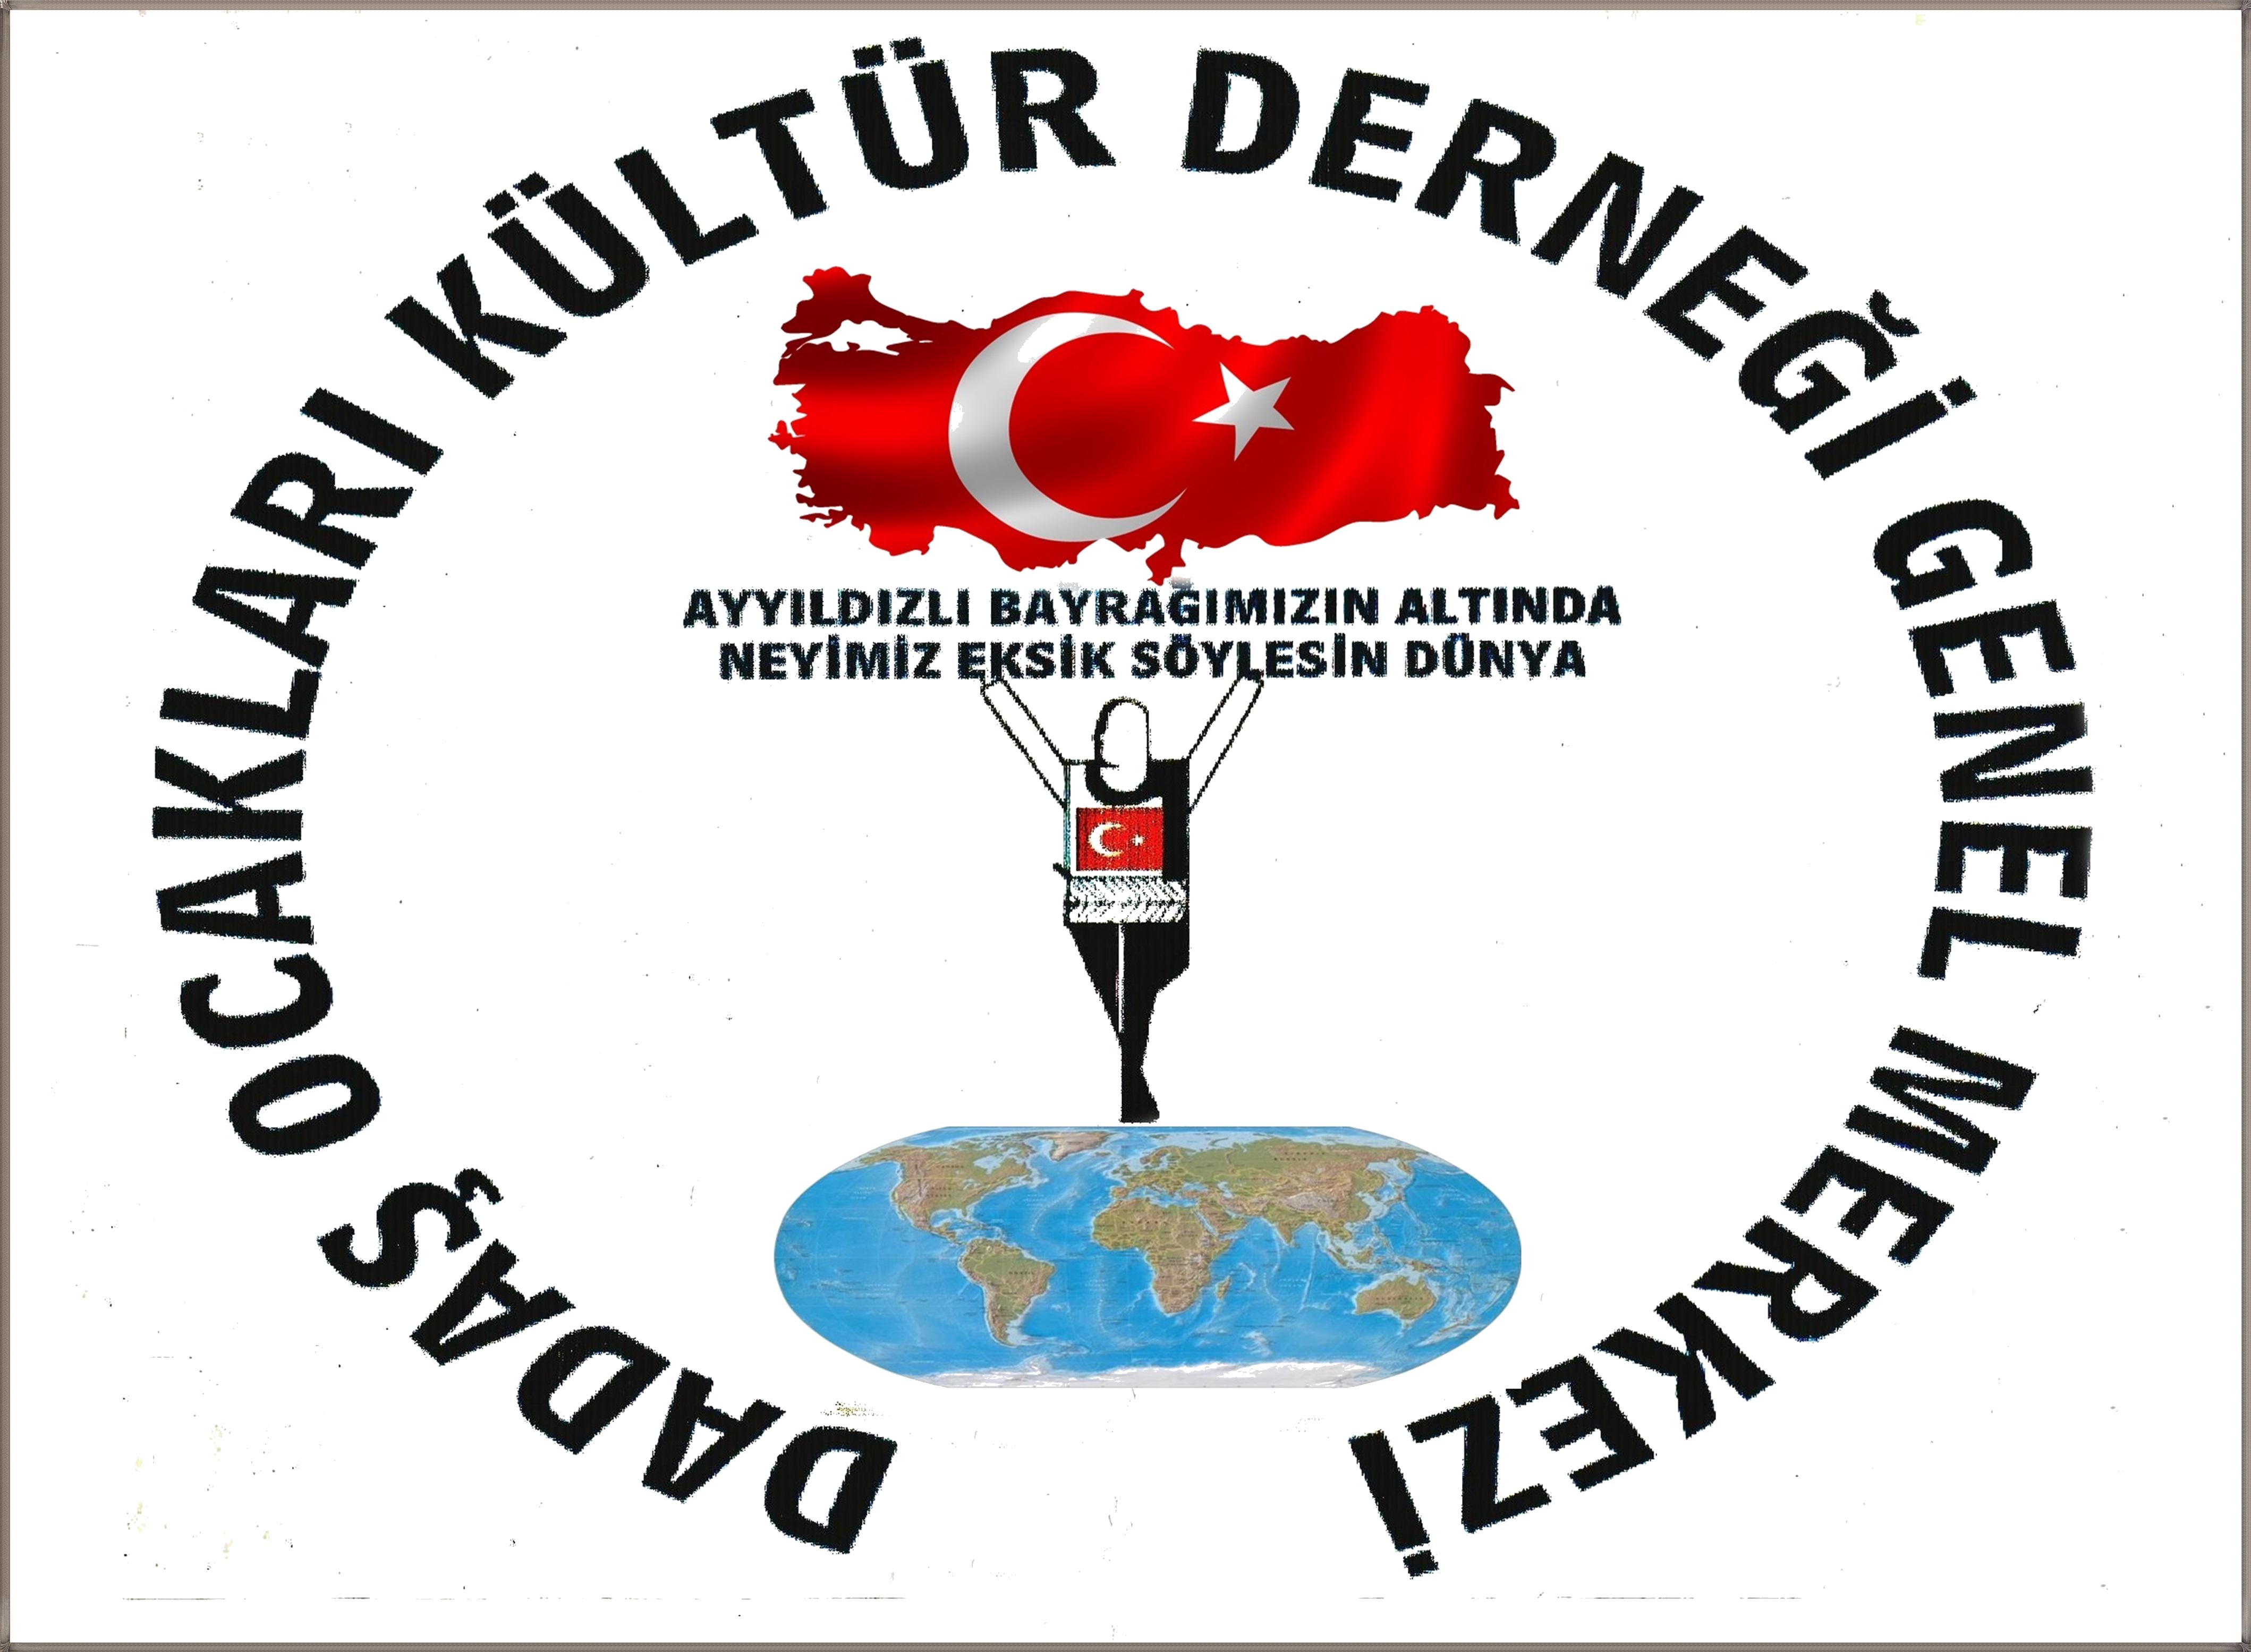 12 Mart Erzurumun Kurtuluş Mesajı